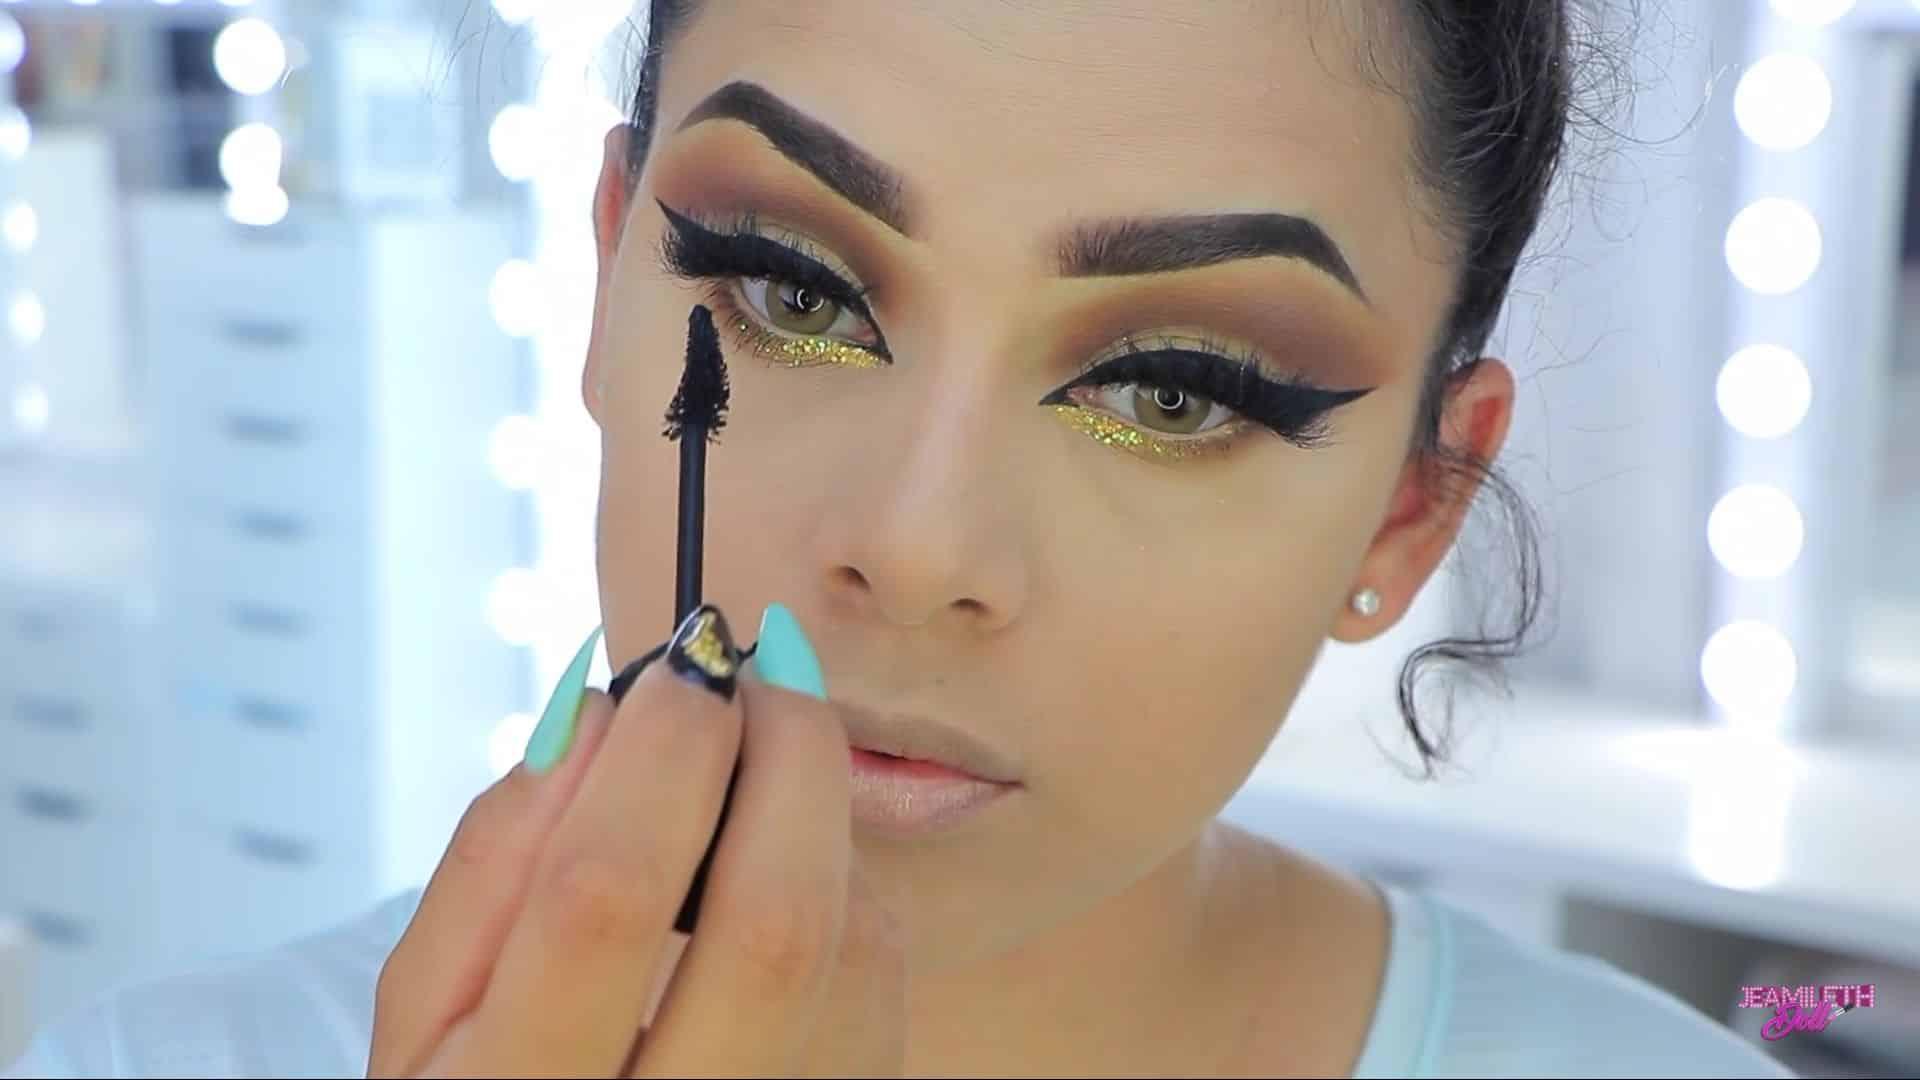 Maquillate como Jasmine facil y rapido Jeamileth Doll 2020, rimel de las pestañas inferiores.